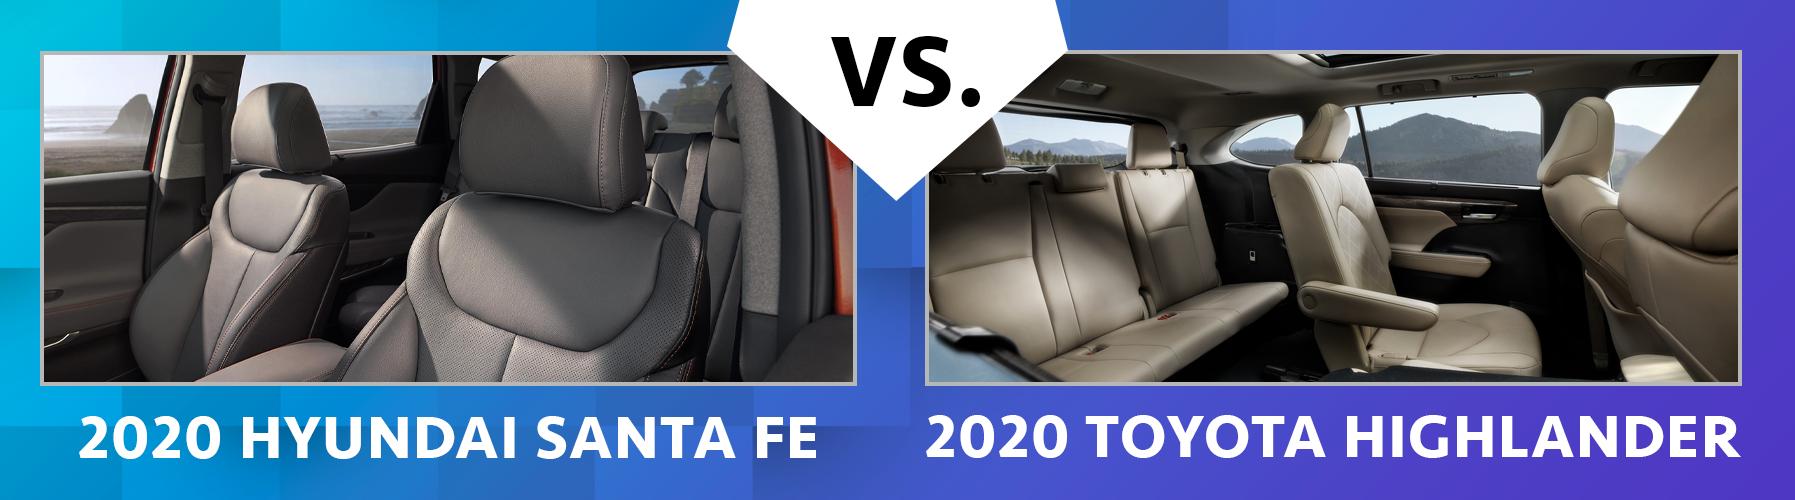 2020 Santa Fe vs 2020 Highlander Contrasts